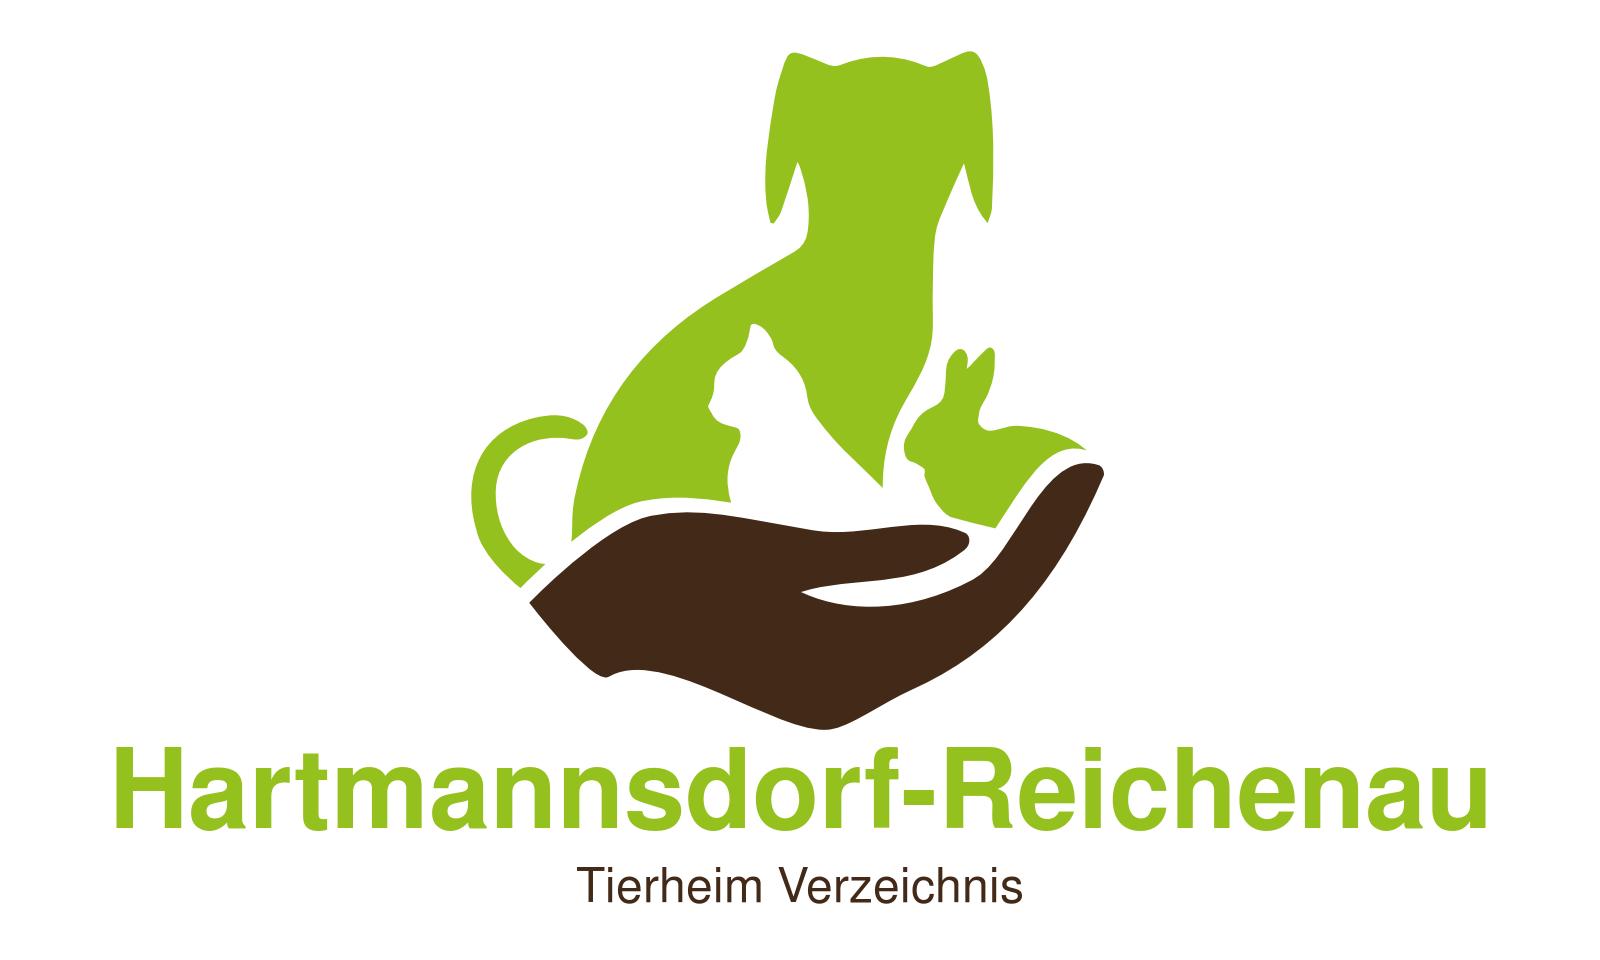 Tierheim Hartmannsdorf-Reichenau